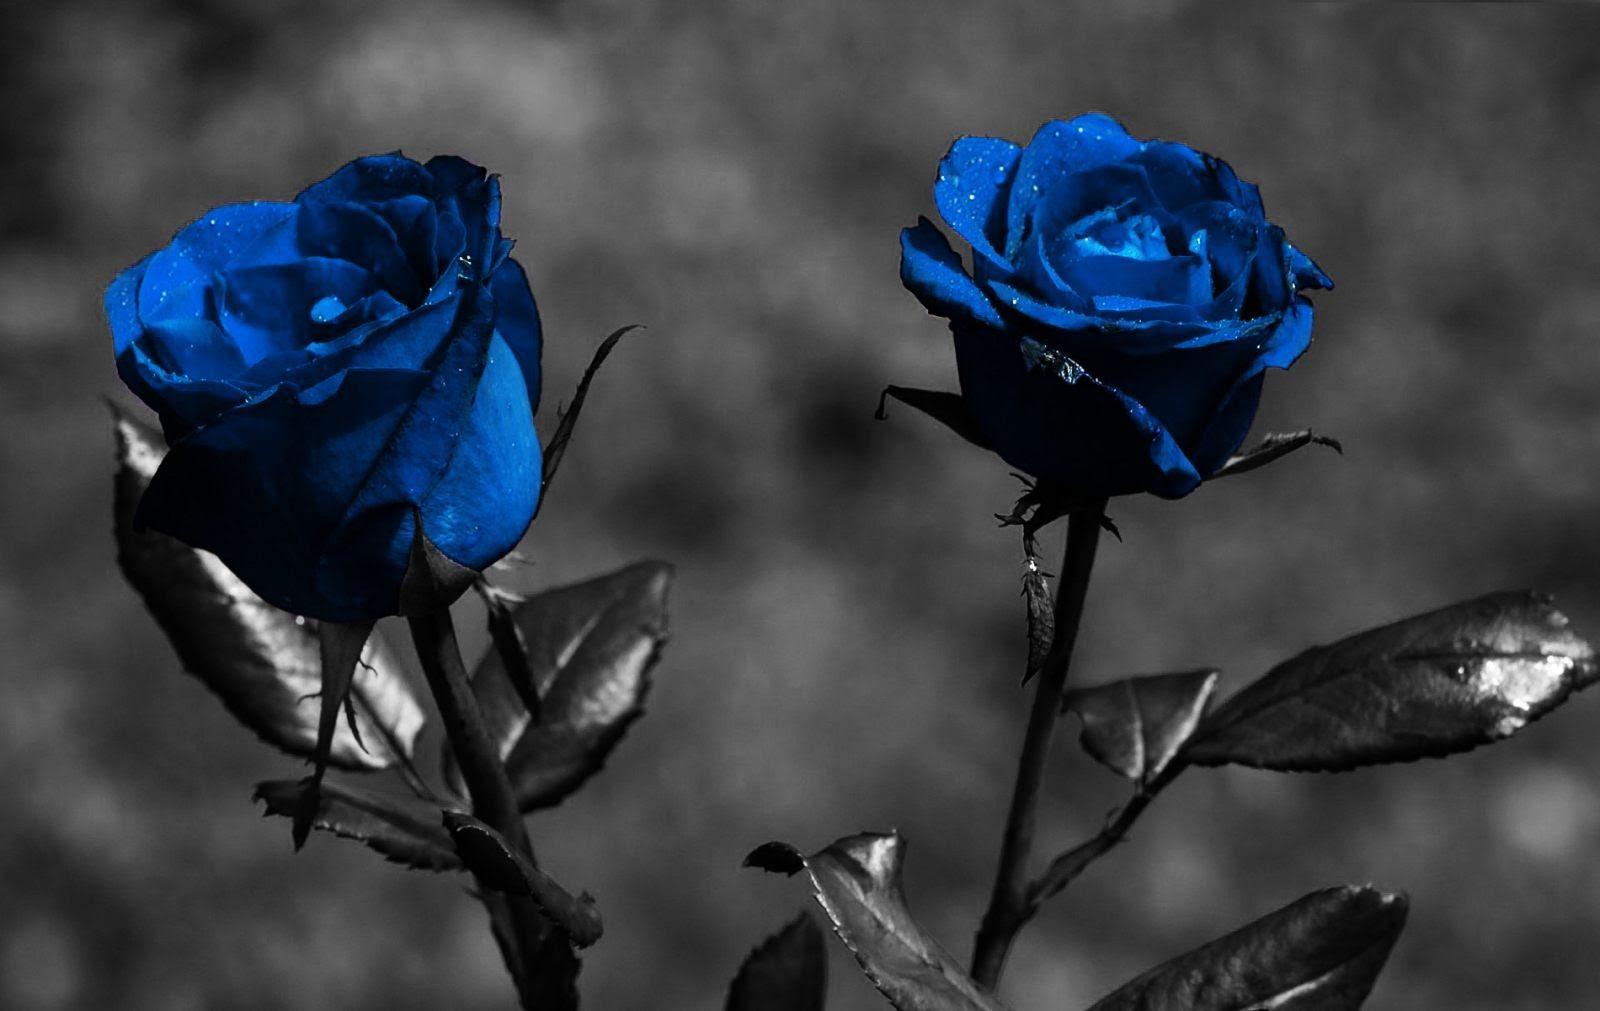 Wallpaper De Rosas Azules Imágenes Y Fotos